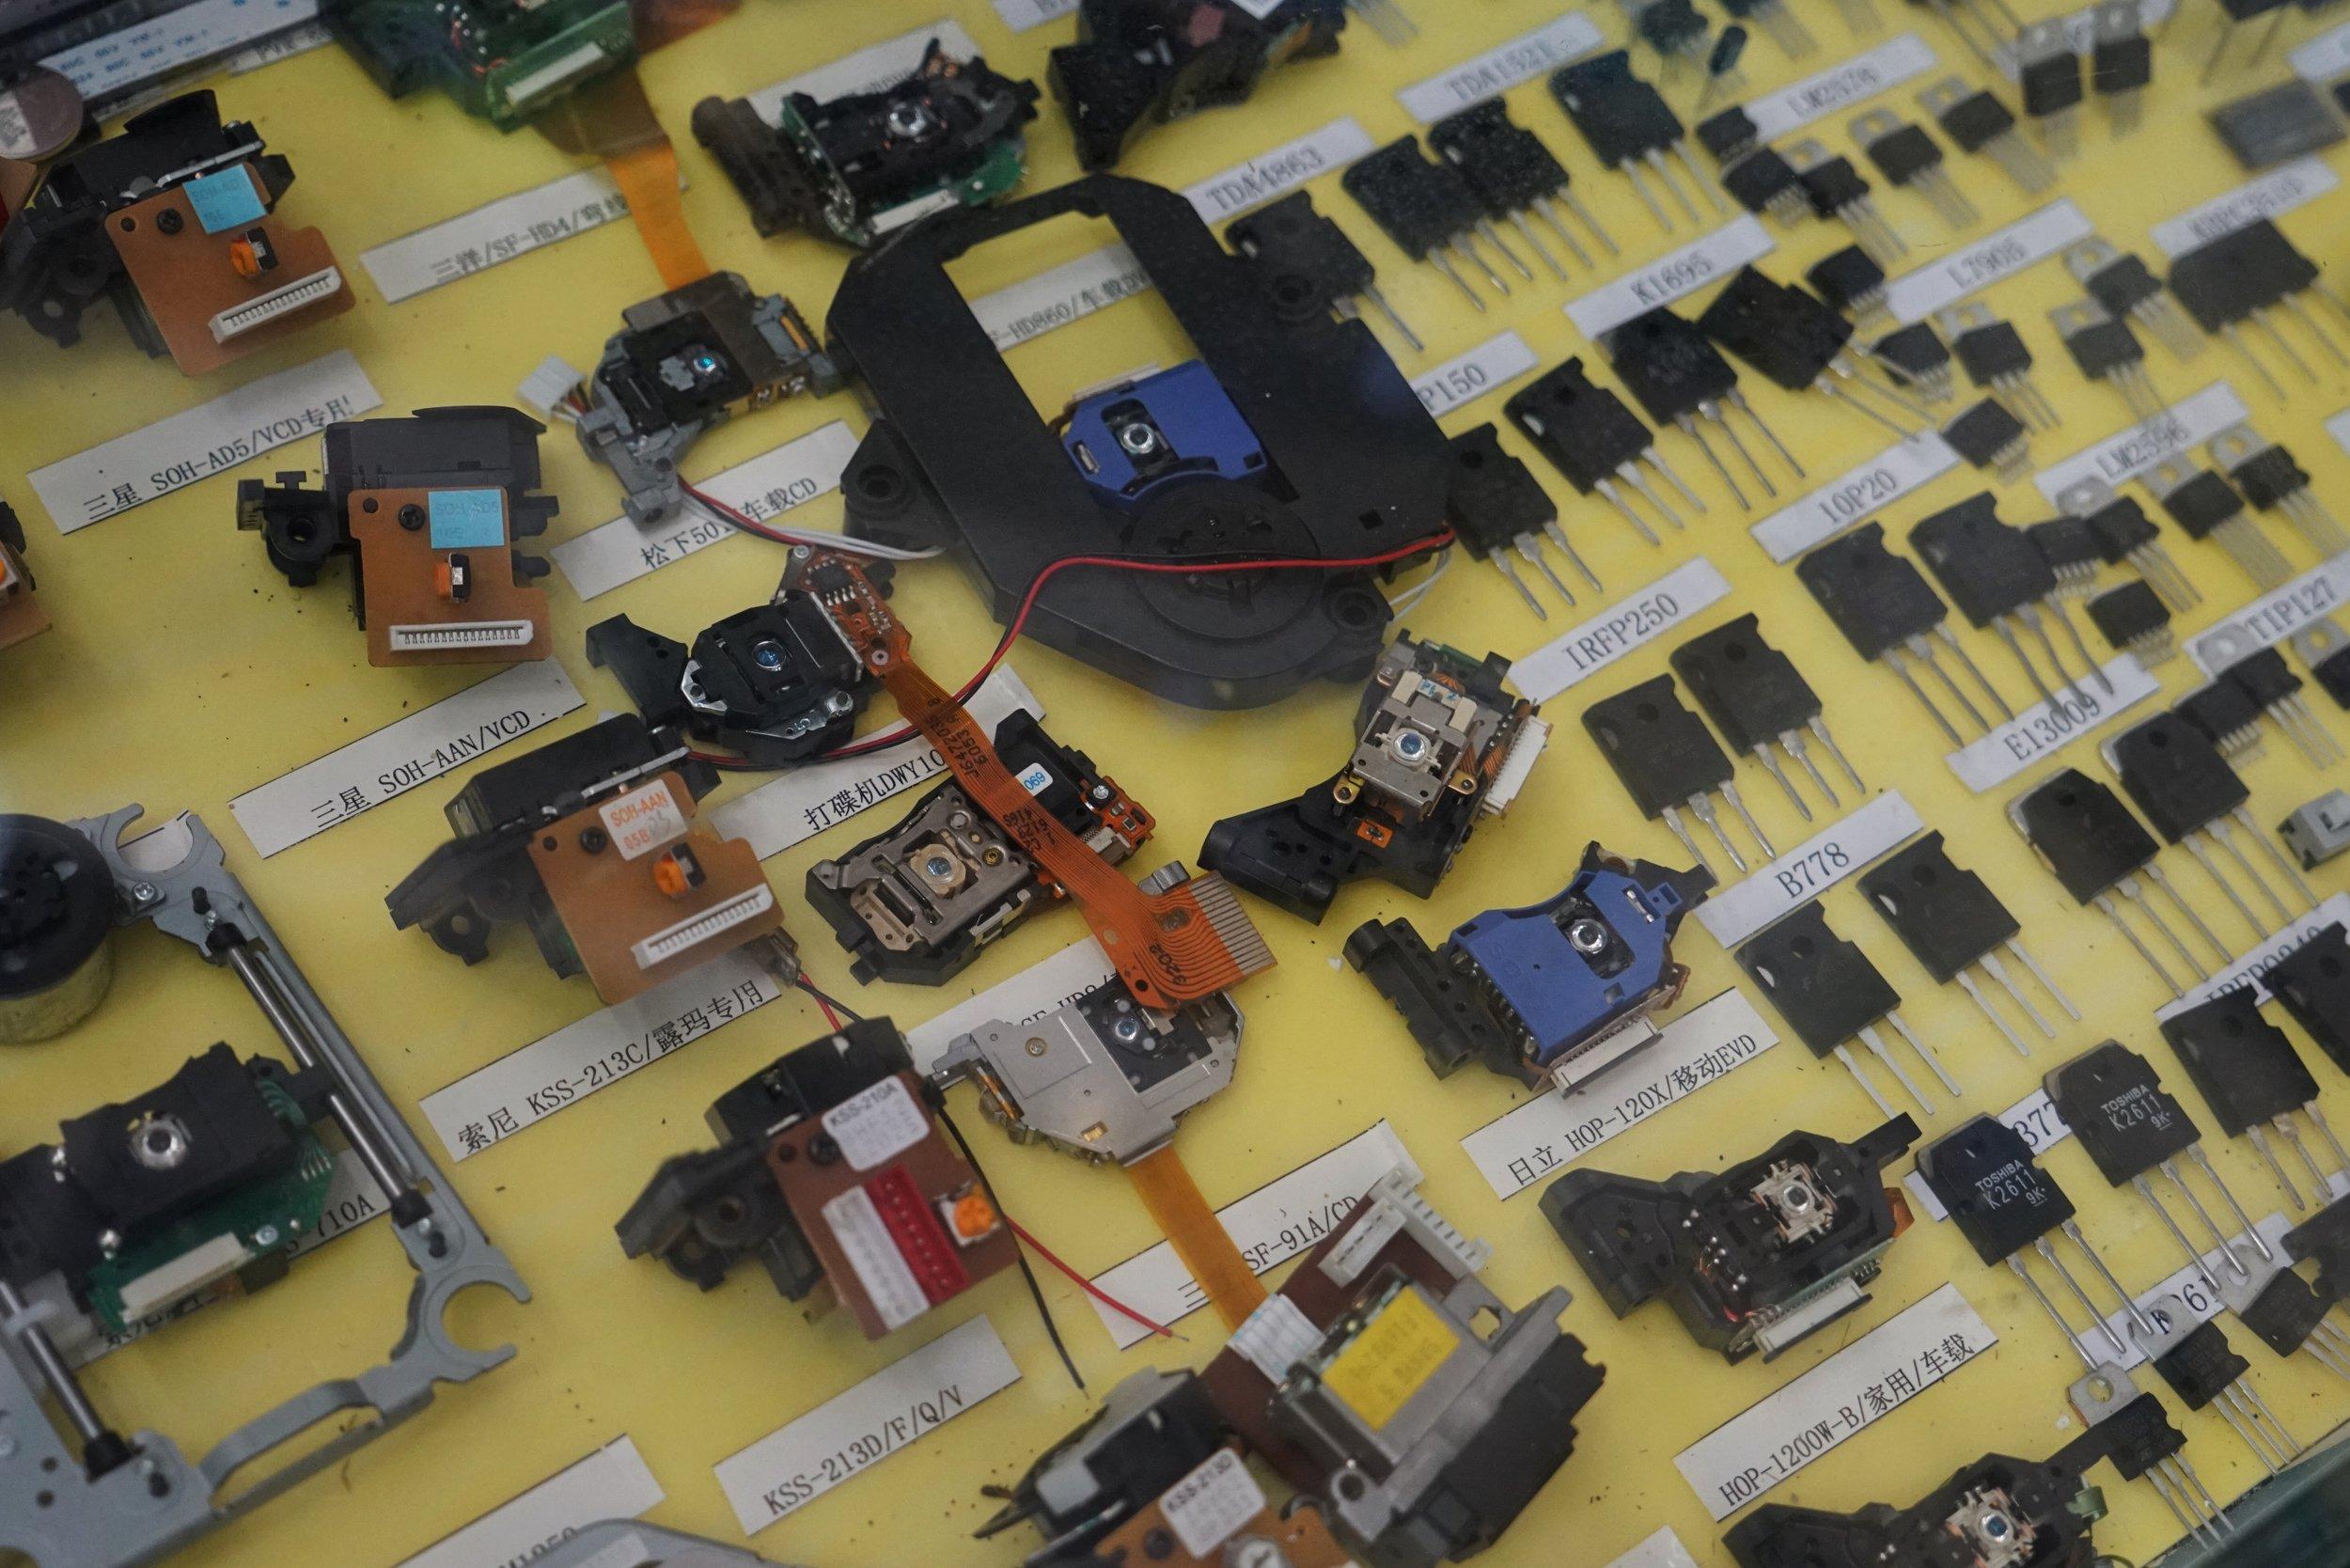 27-Shenzhen-Circuits.jpg